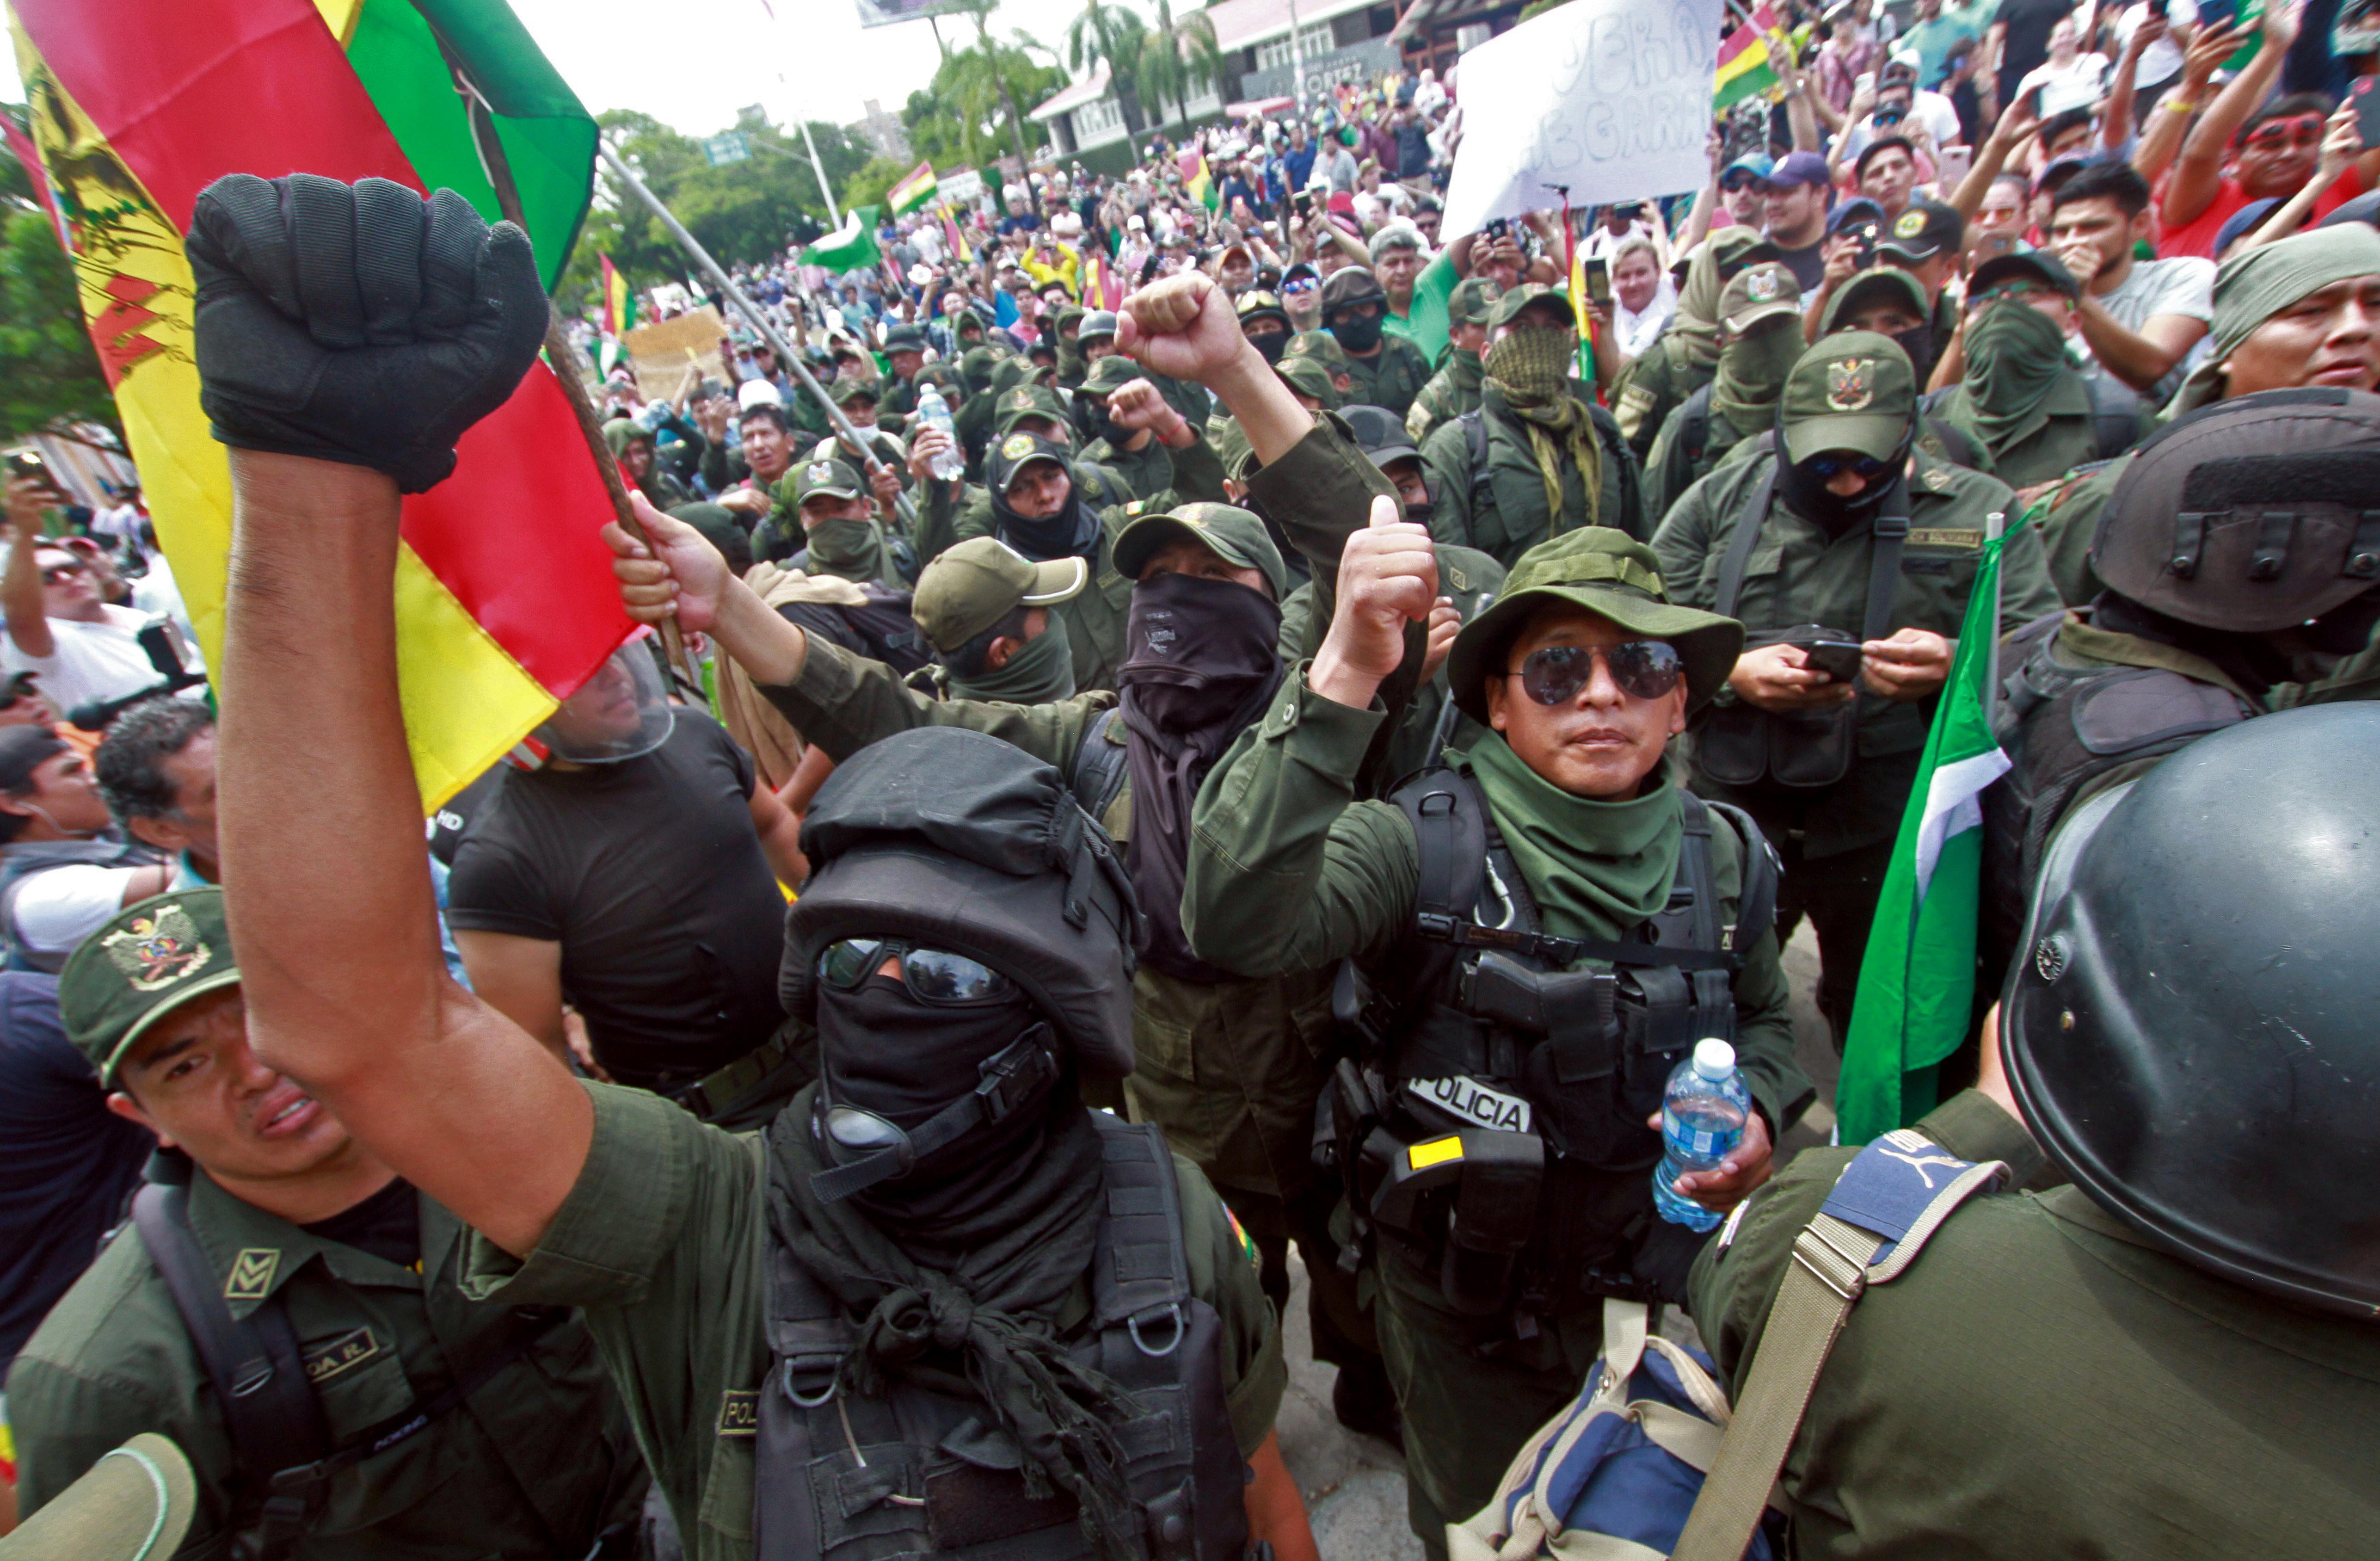 قوات الأمن انضمت إلى جانب معارضي الرئيس البوليفي